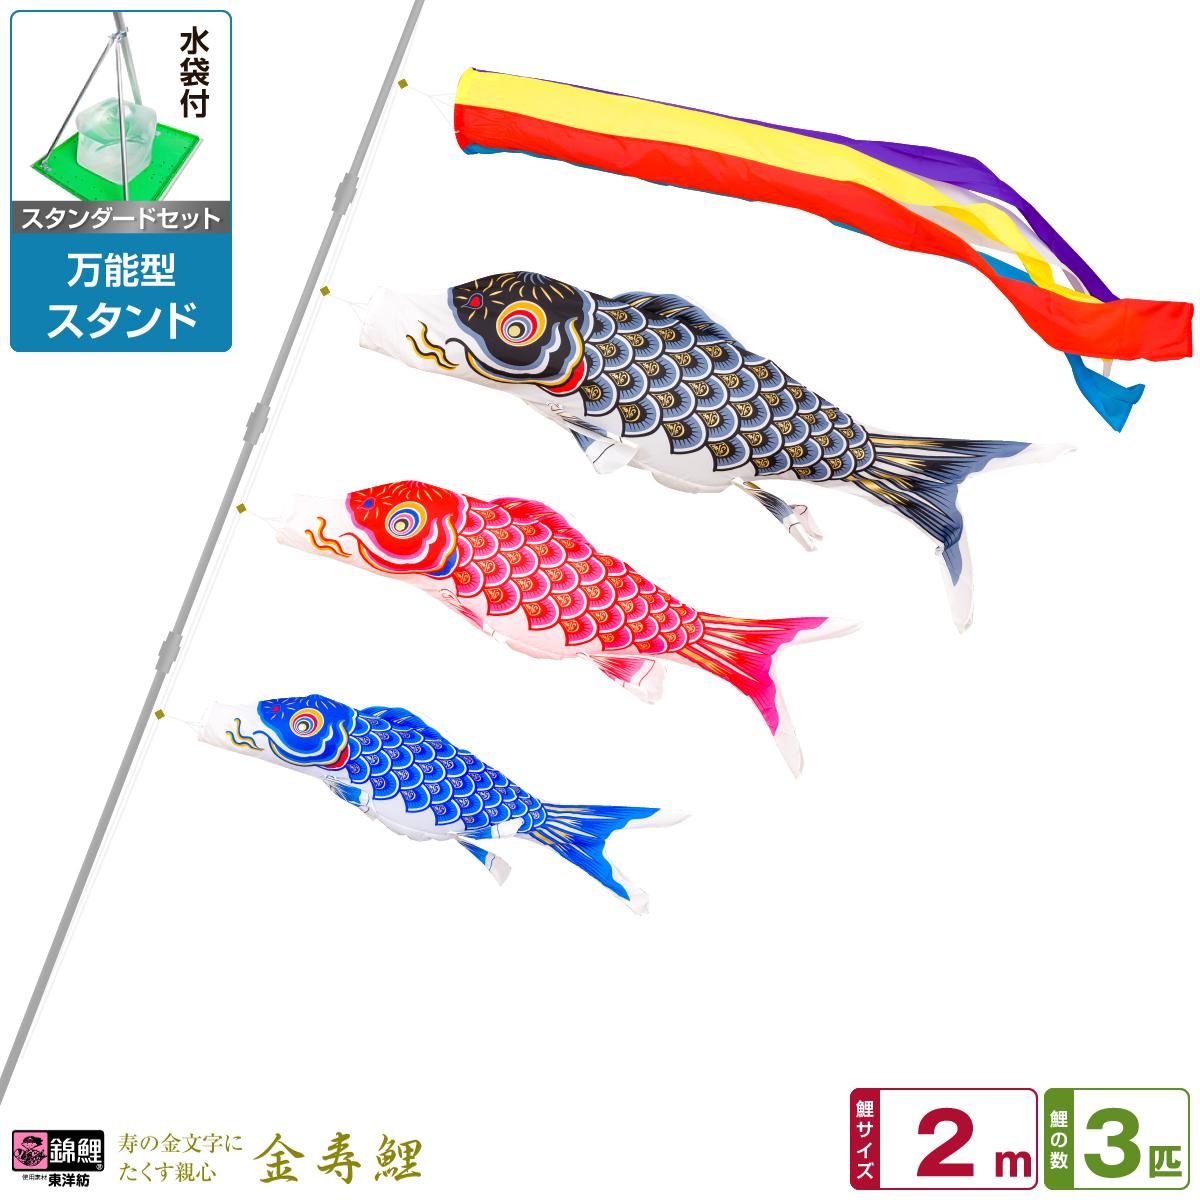 ベランダ用 こいのぼり 鯉のぼり 錦鯉 寿の金文字にたくす親心 金寿鯉 2m 6点(吹流し+鯉3匹+矢車+ロープ)/スタンダードセット(万能スタンド)